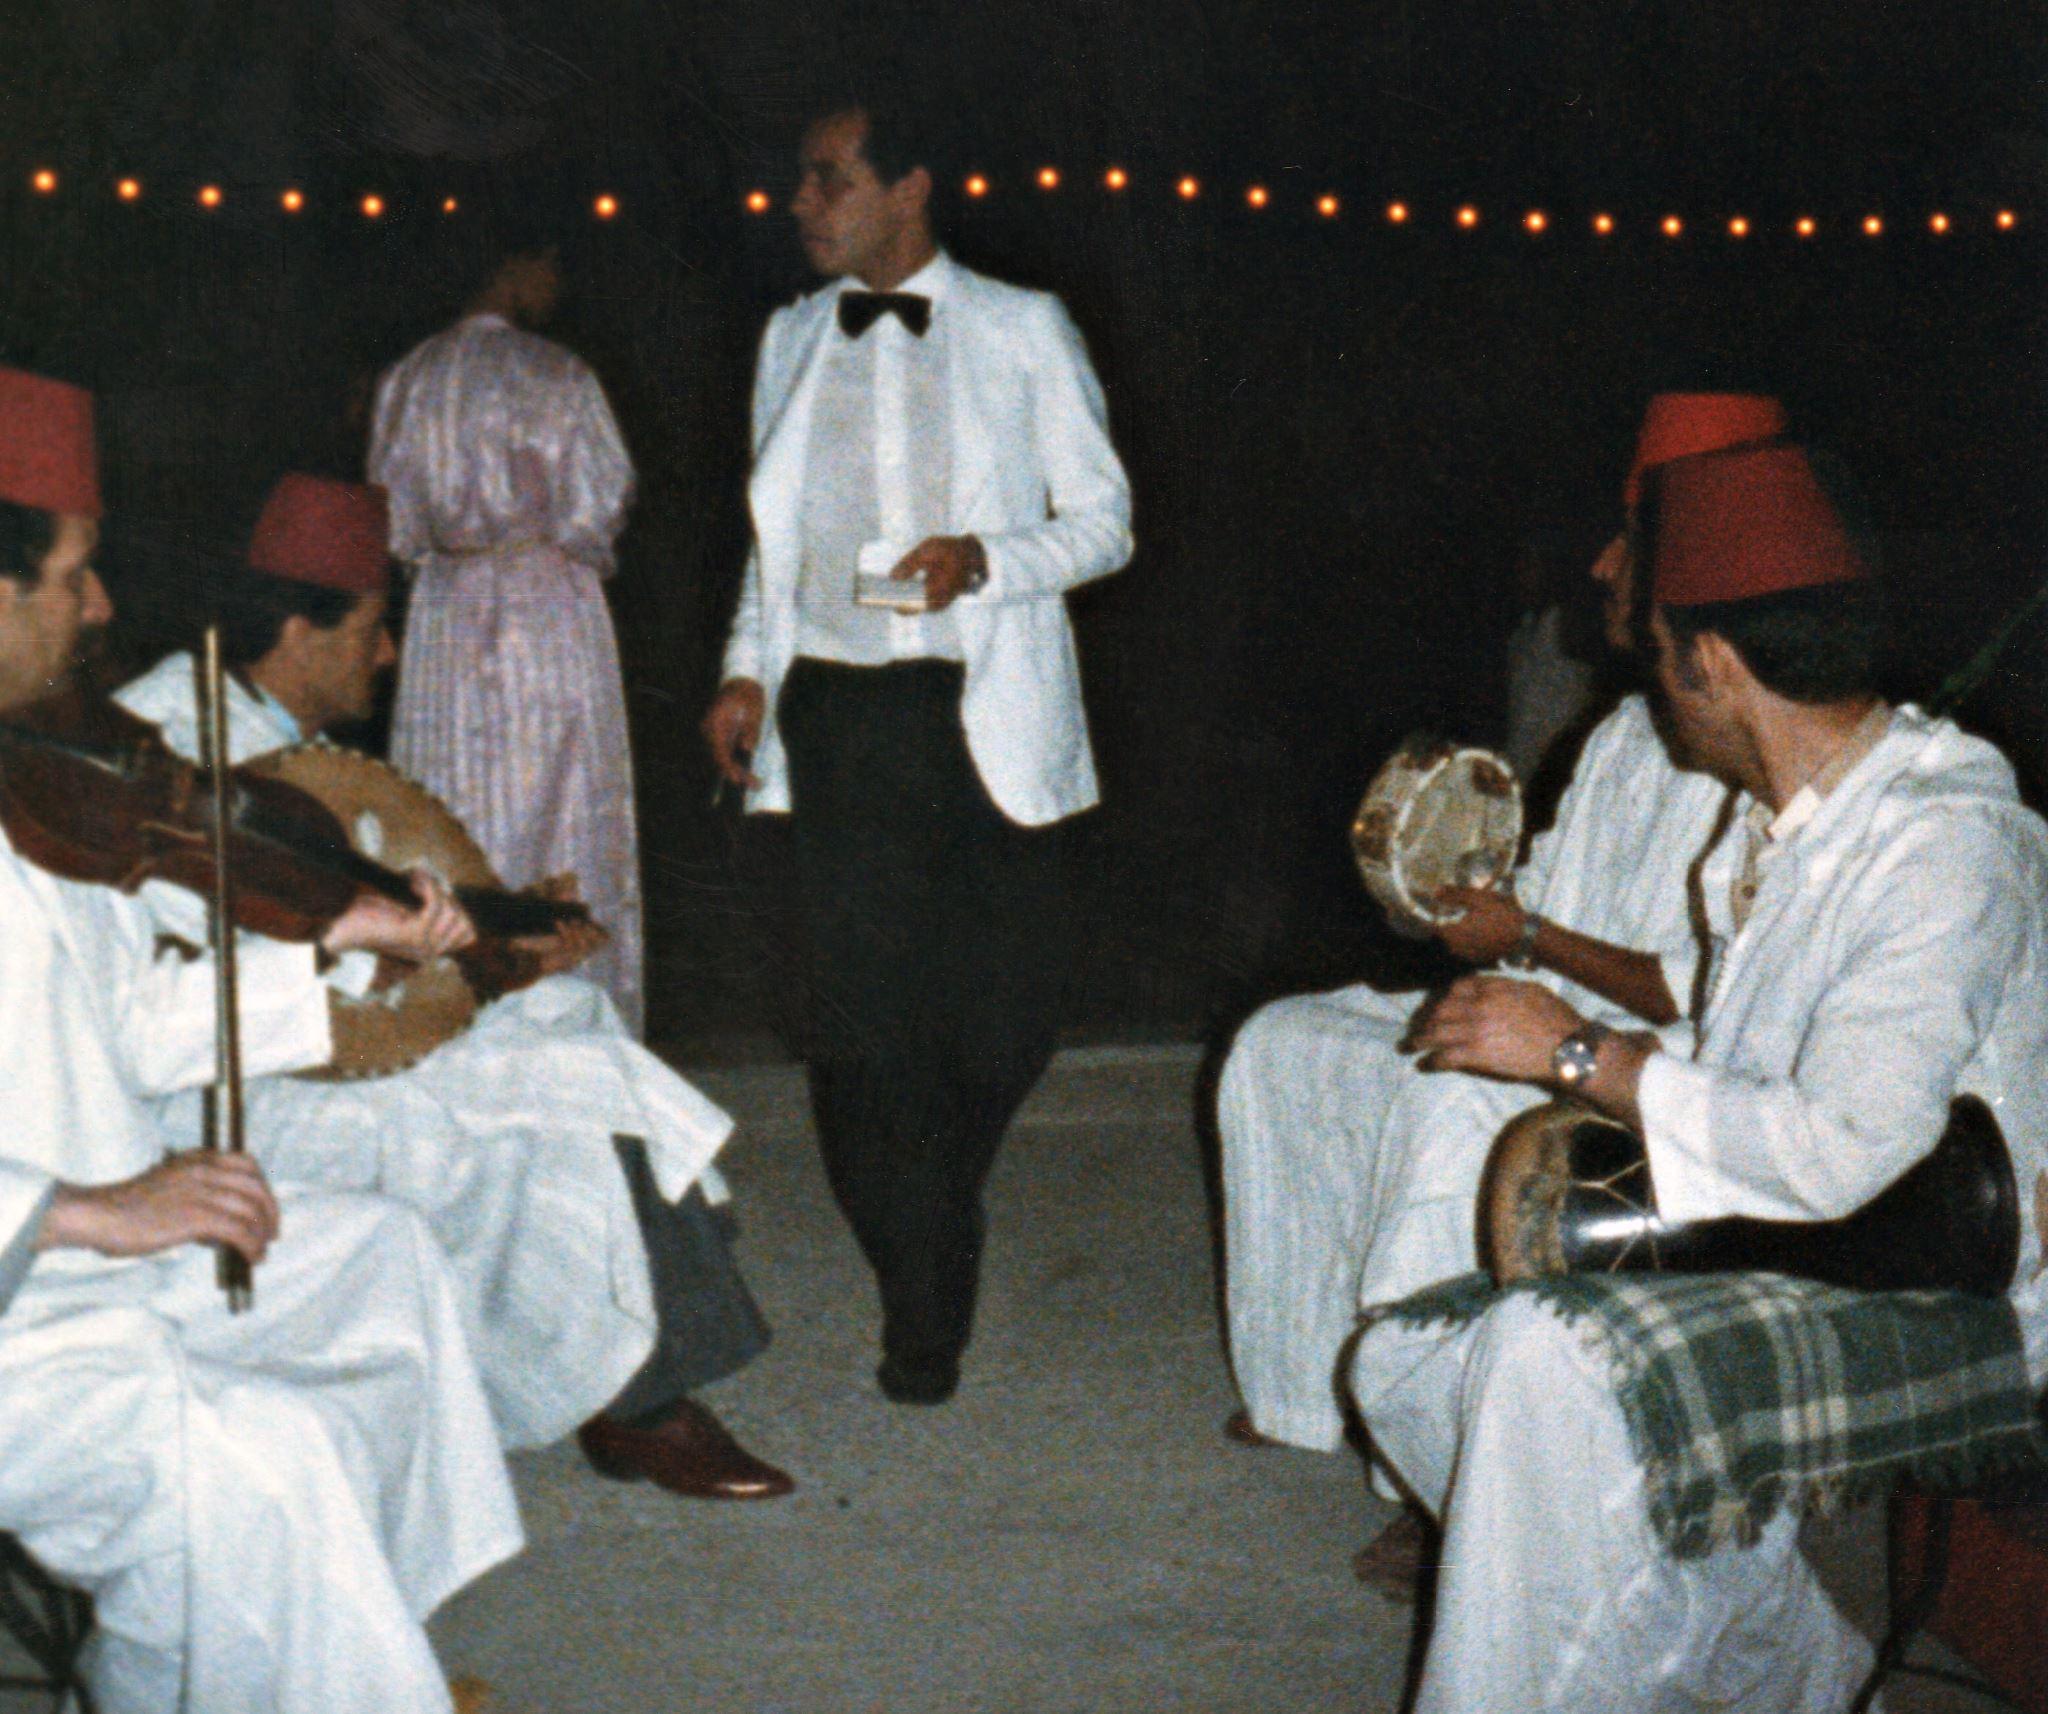 Moroccan Entertainment